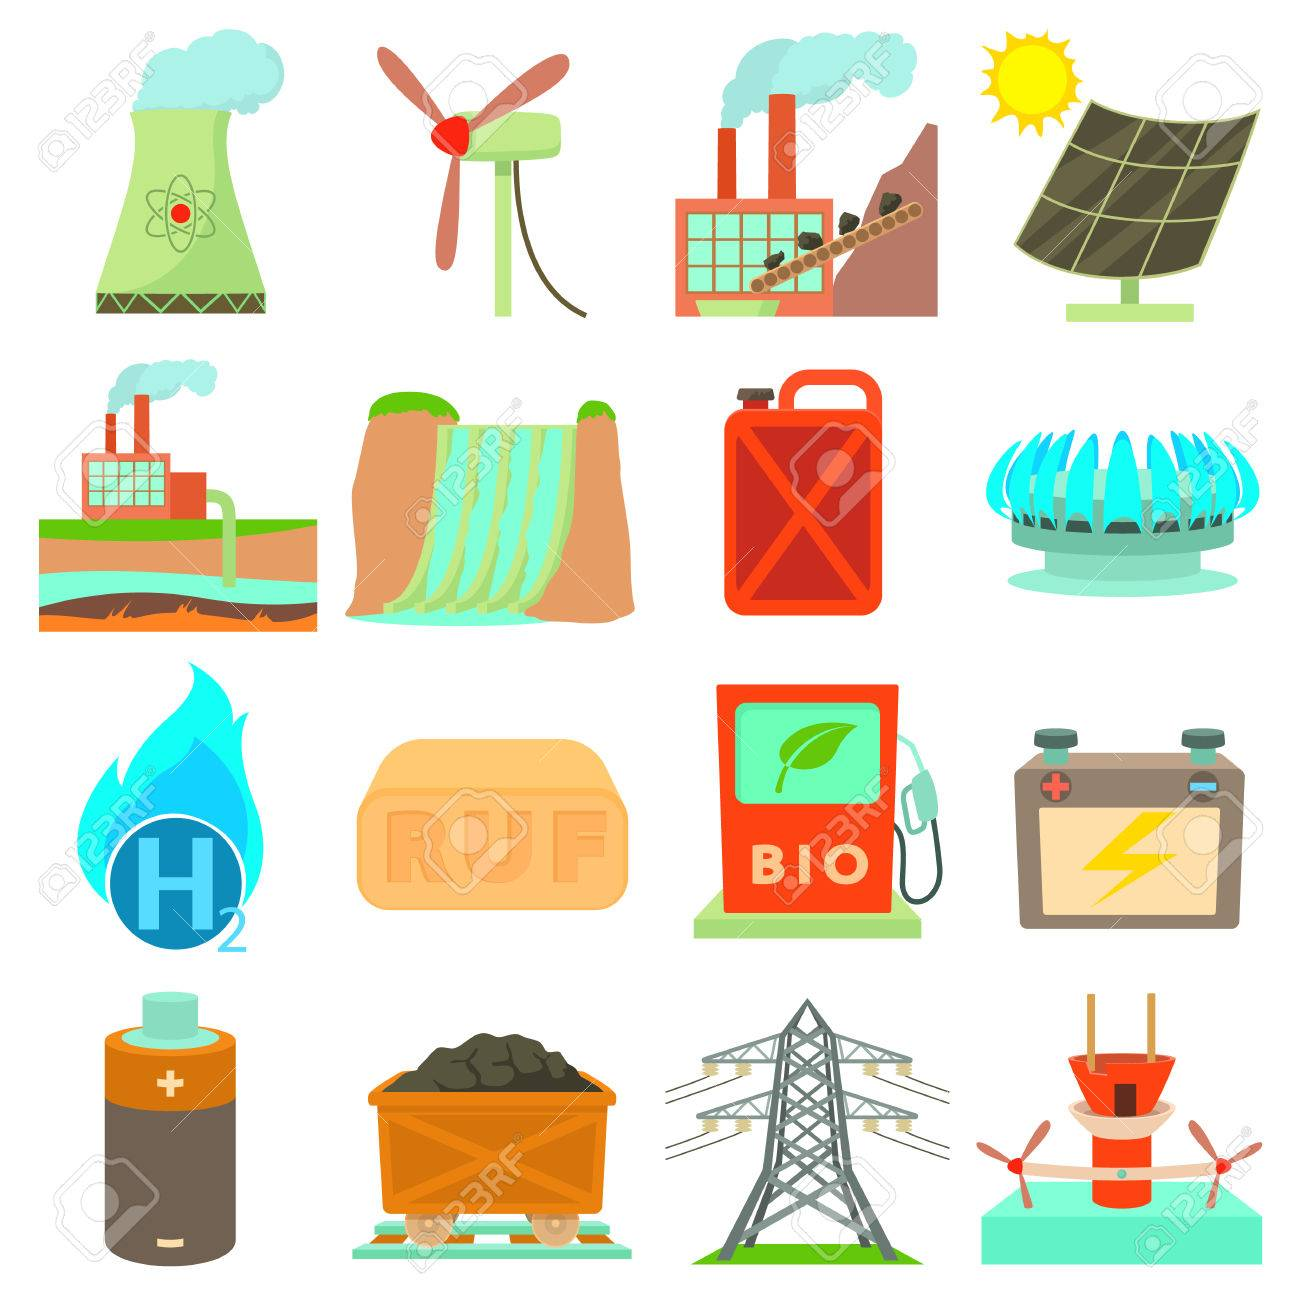 Resultado de imagen de fuentes de energia